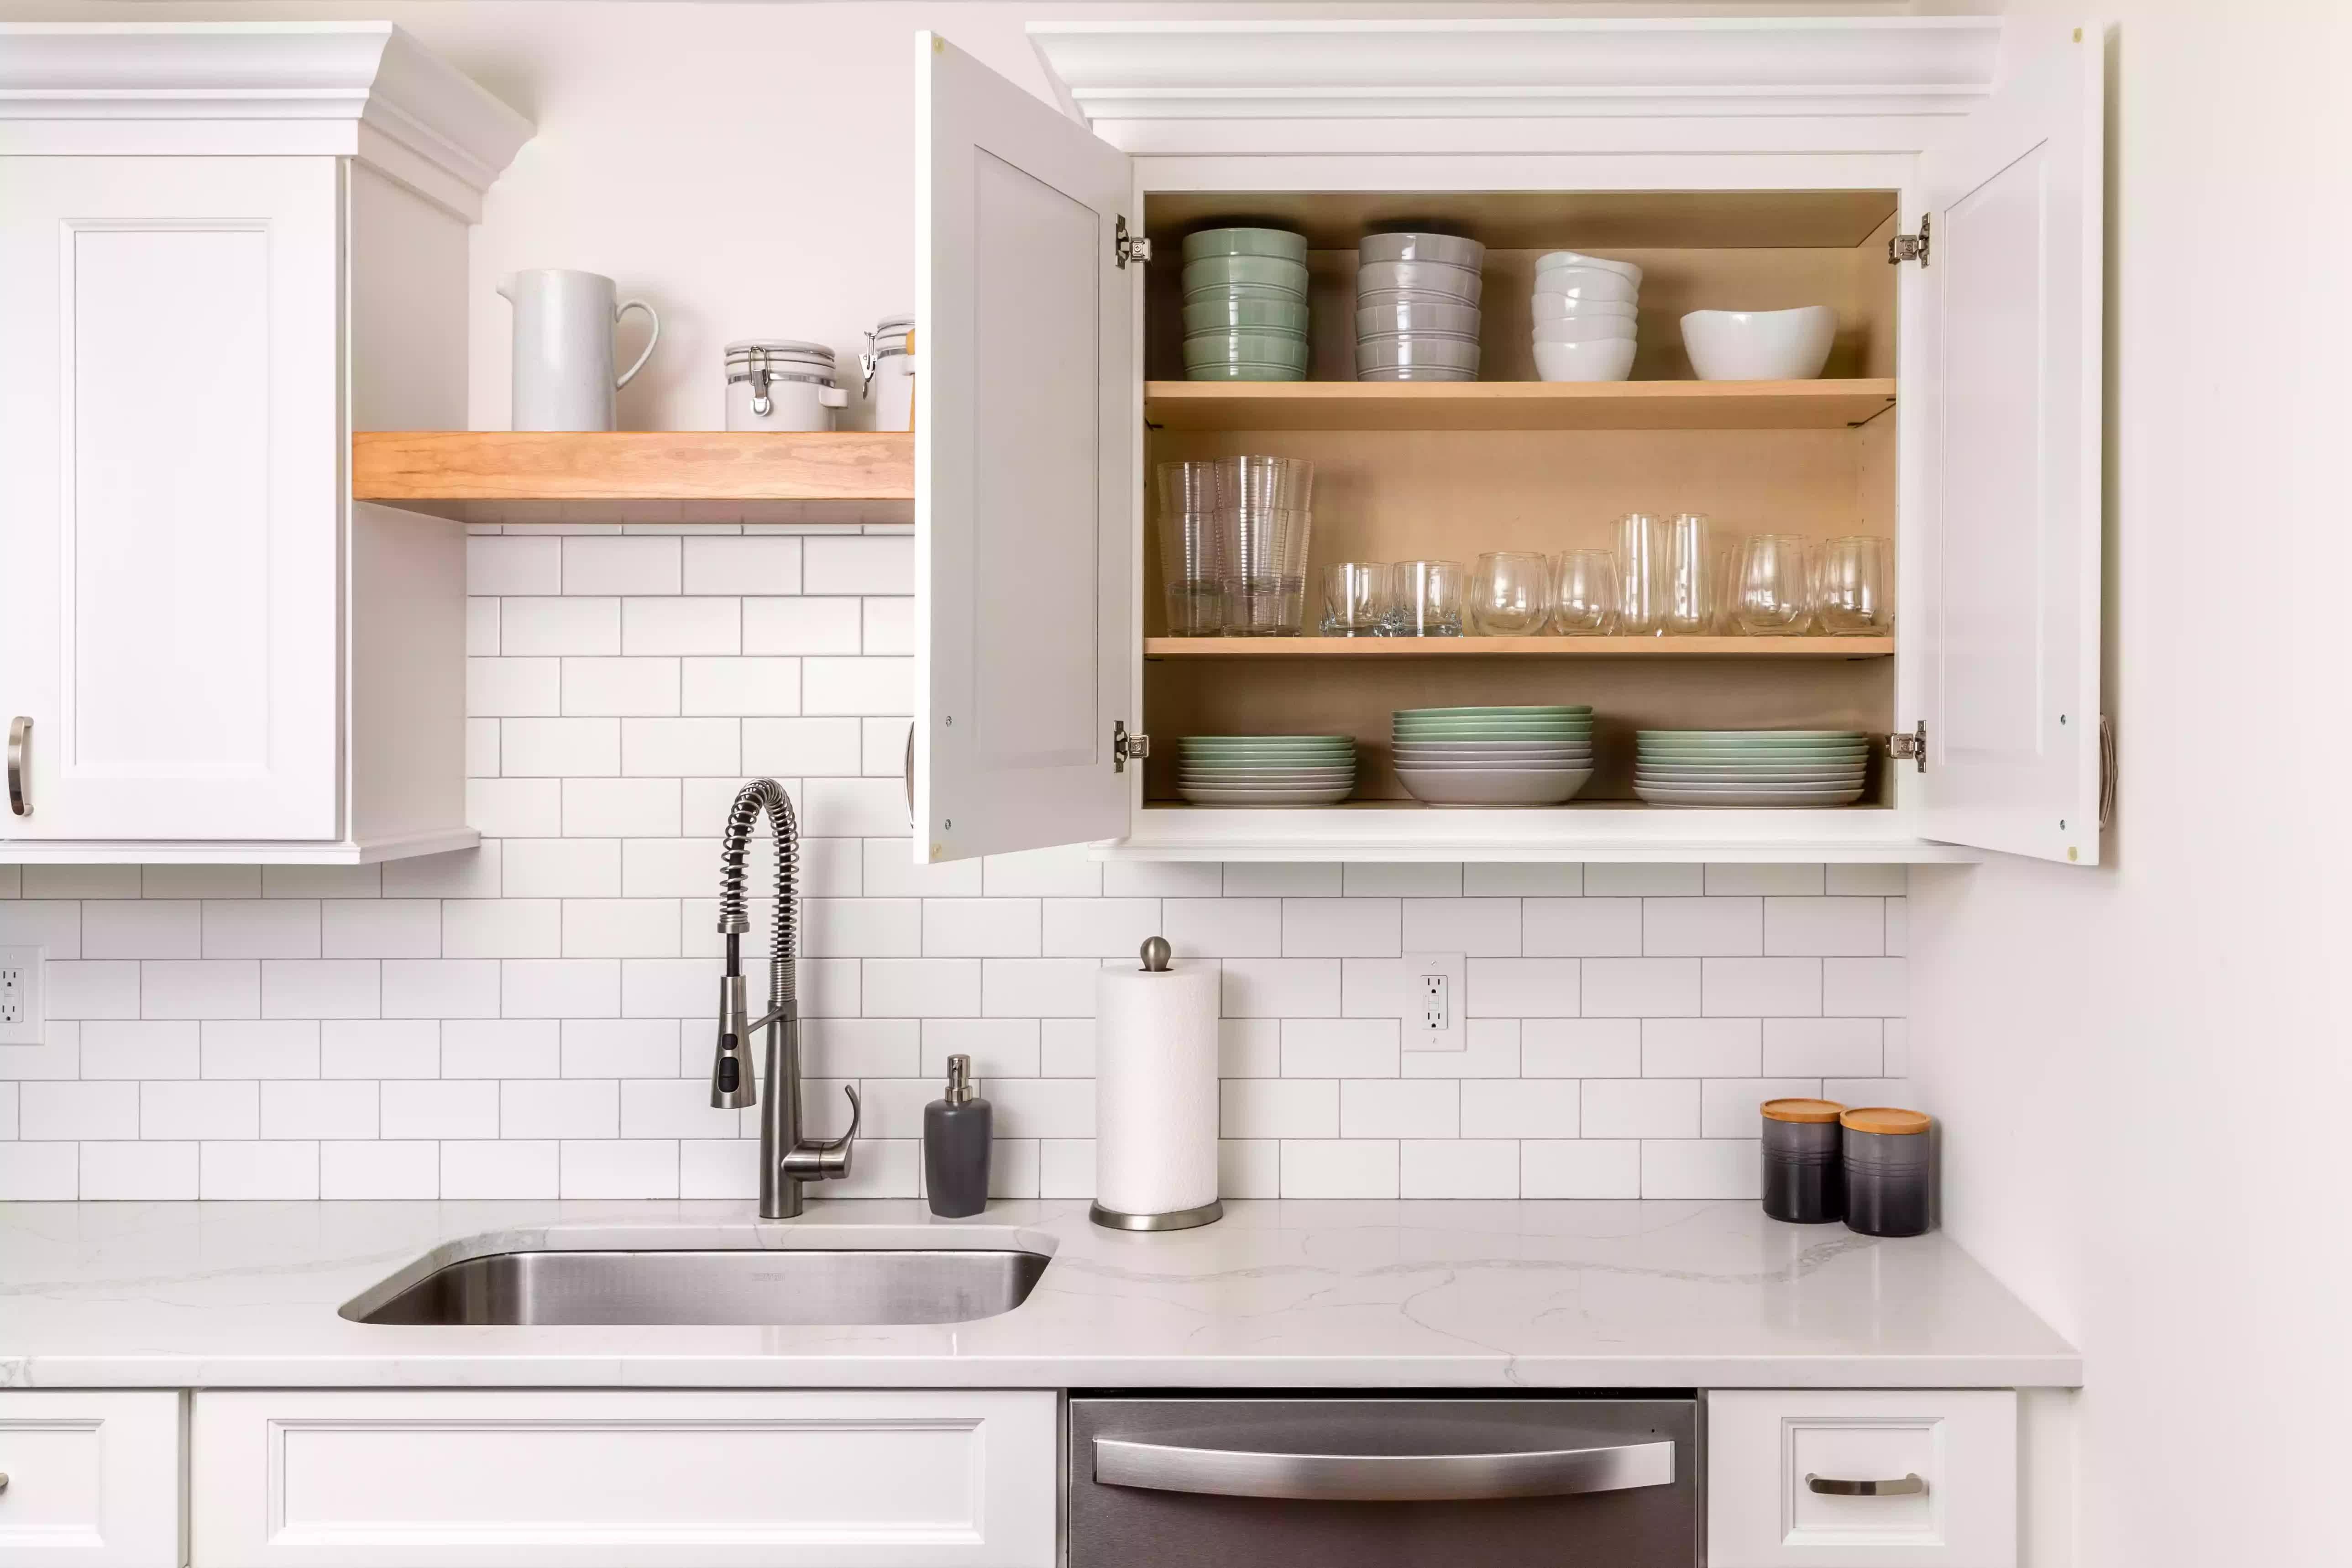 Mách bạn 5 cách sắp xếp nhà bếp gọn gàng và sạch sẽ - Ảnh 2.